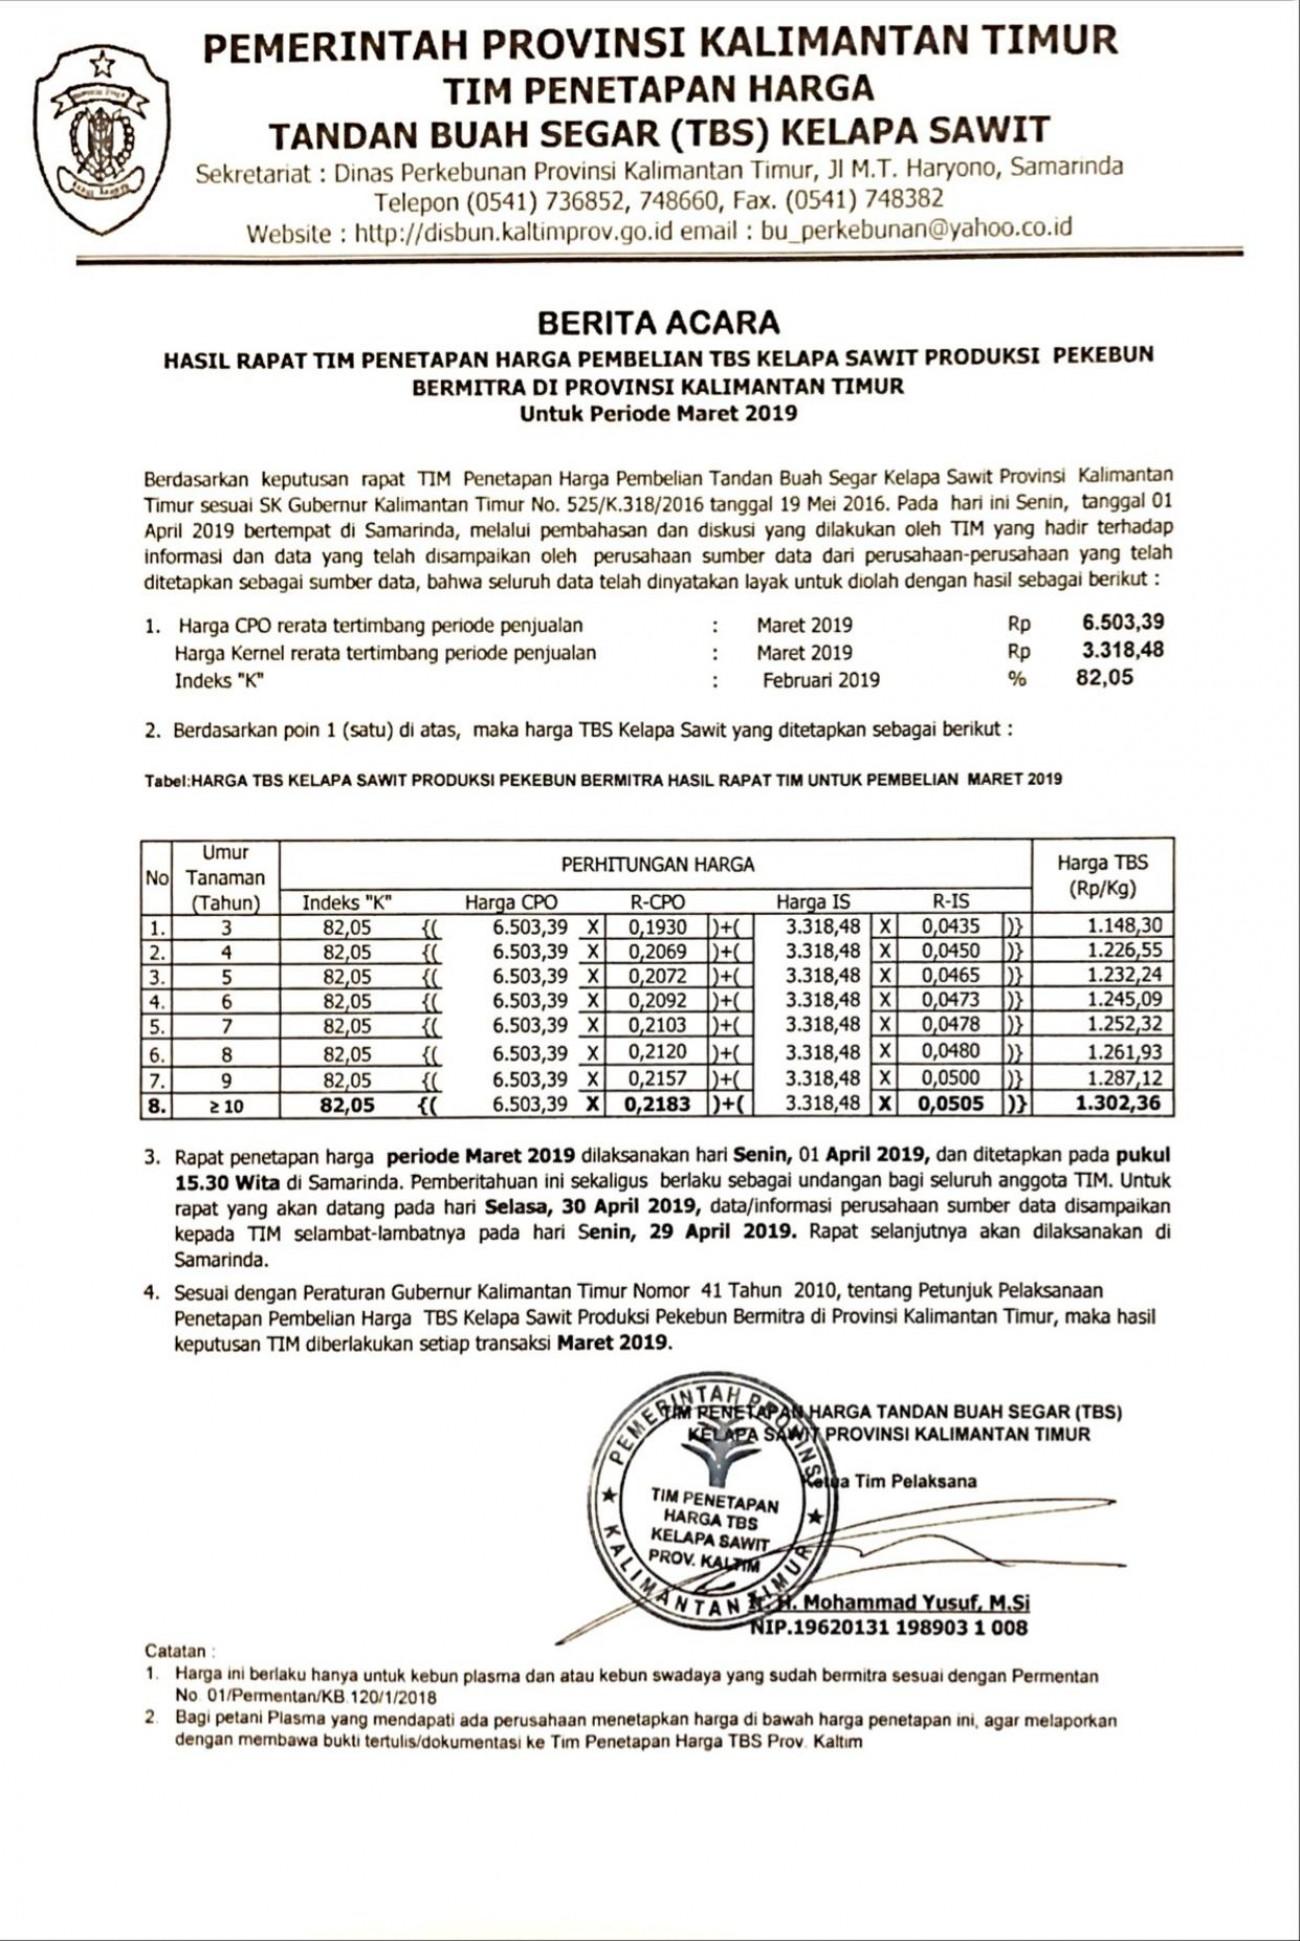 Informasi Harga TBS Kelapa Sawit Bagi Pekebun Bermitra Bulan Maret 2019